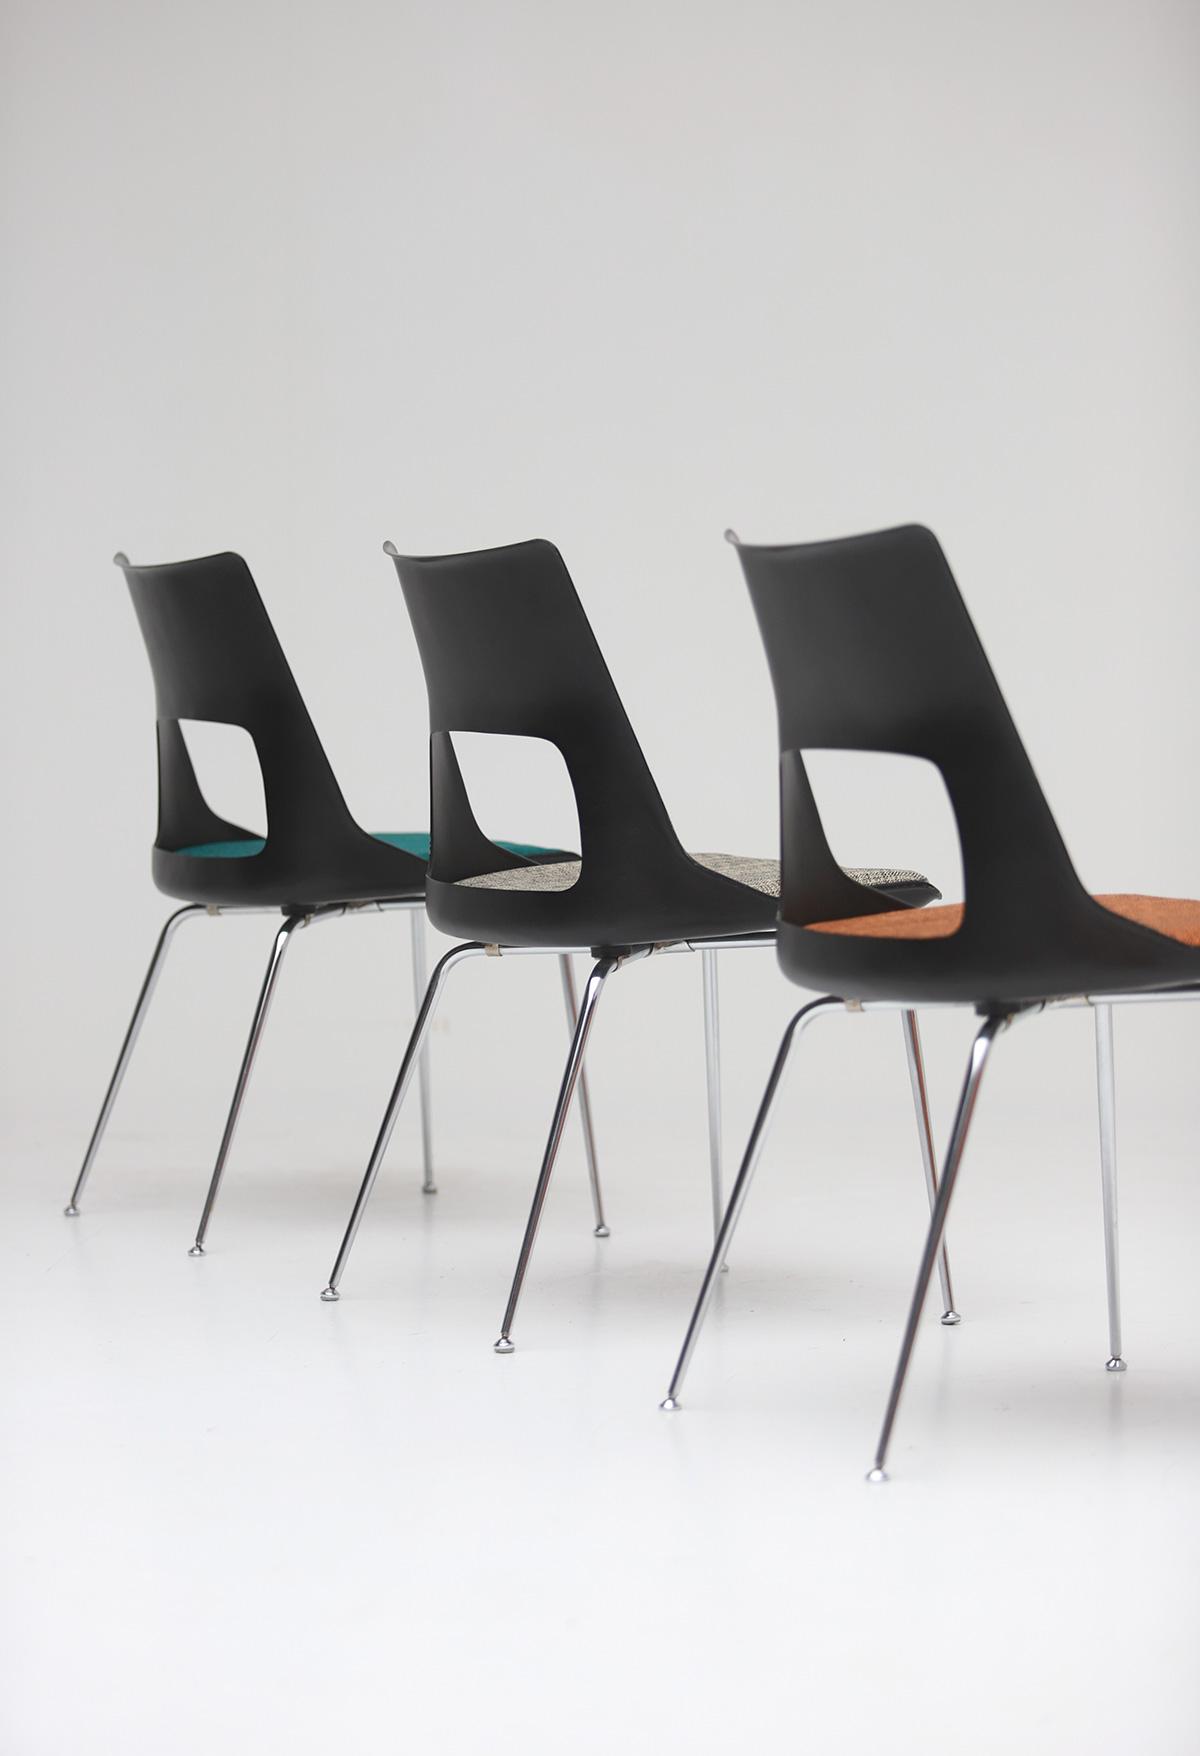 Set of three Modern Kay Korbing chairs for Fibrex Danmarkimage 11